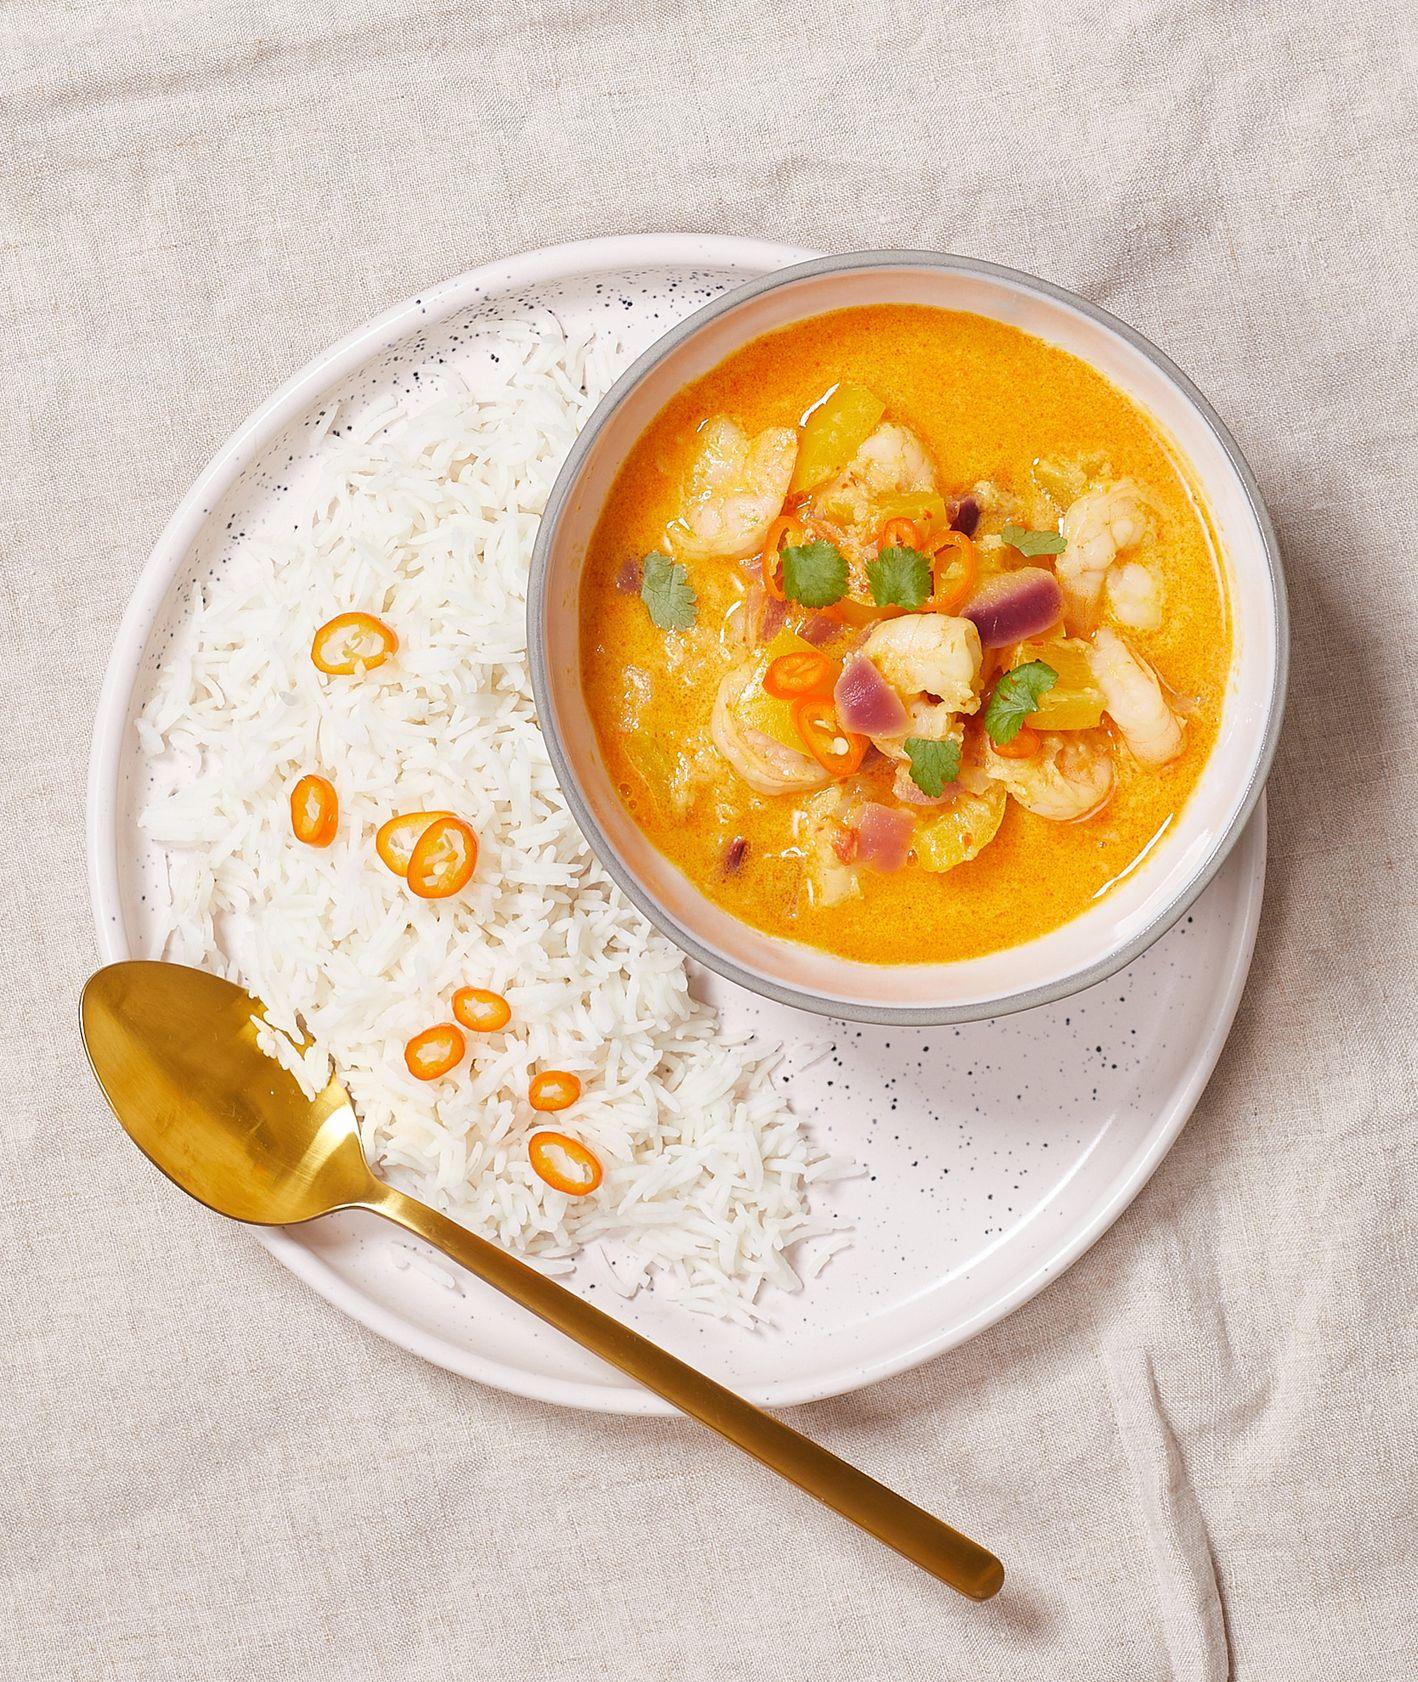 Przepis na domowe curry z krewetkami (fot. Maciek Niemojewski)